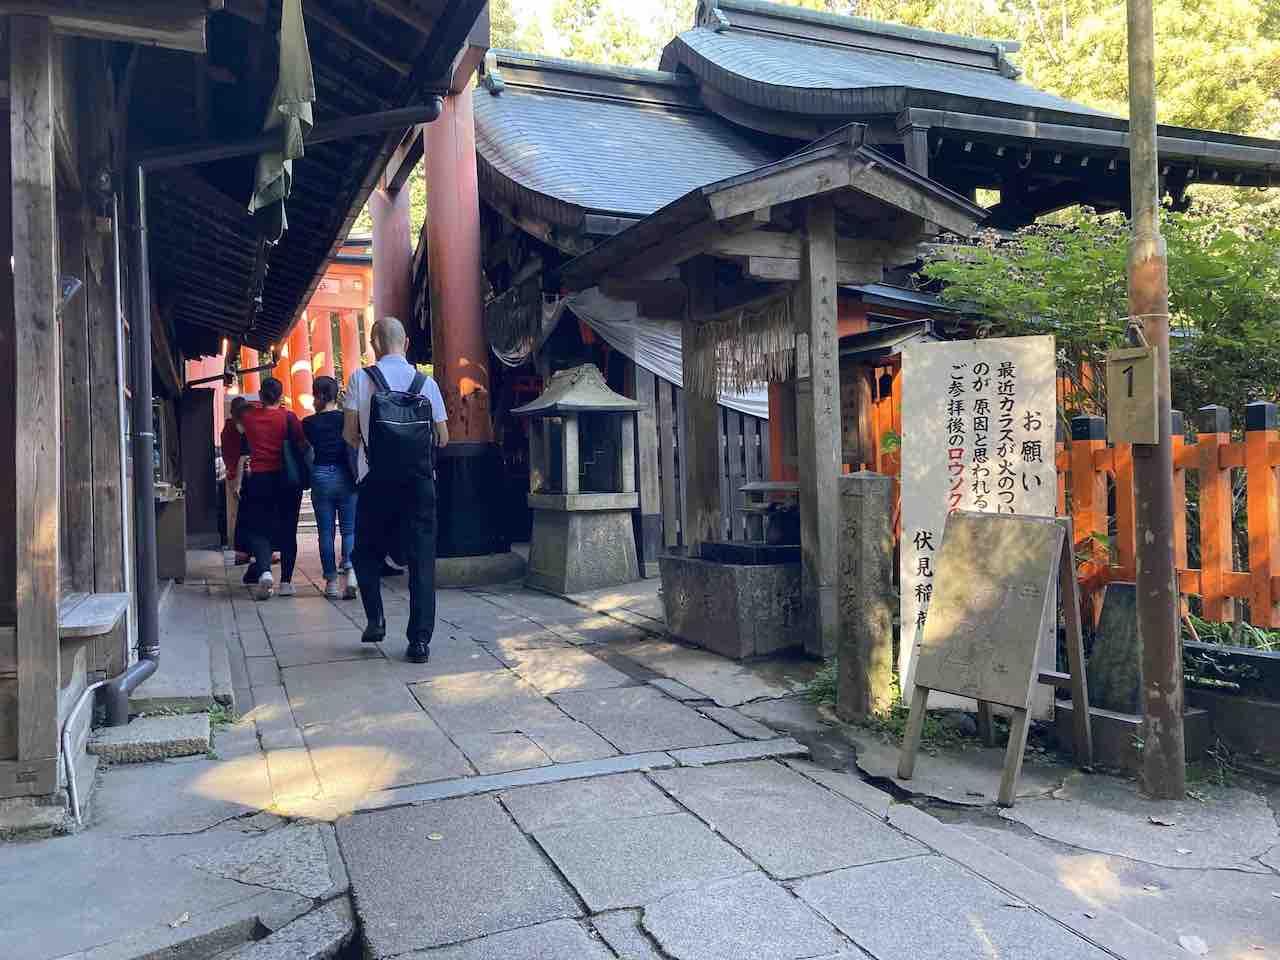 京都一周トレイル 伏見稲荷エリア